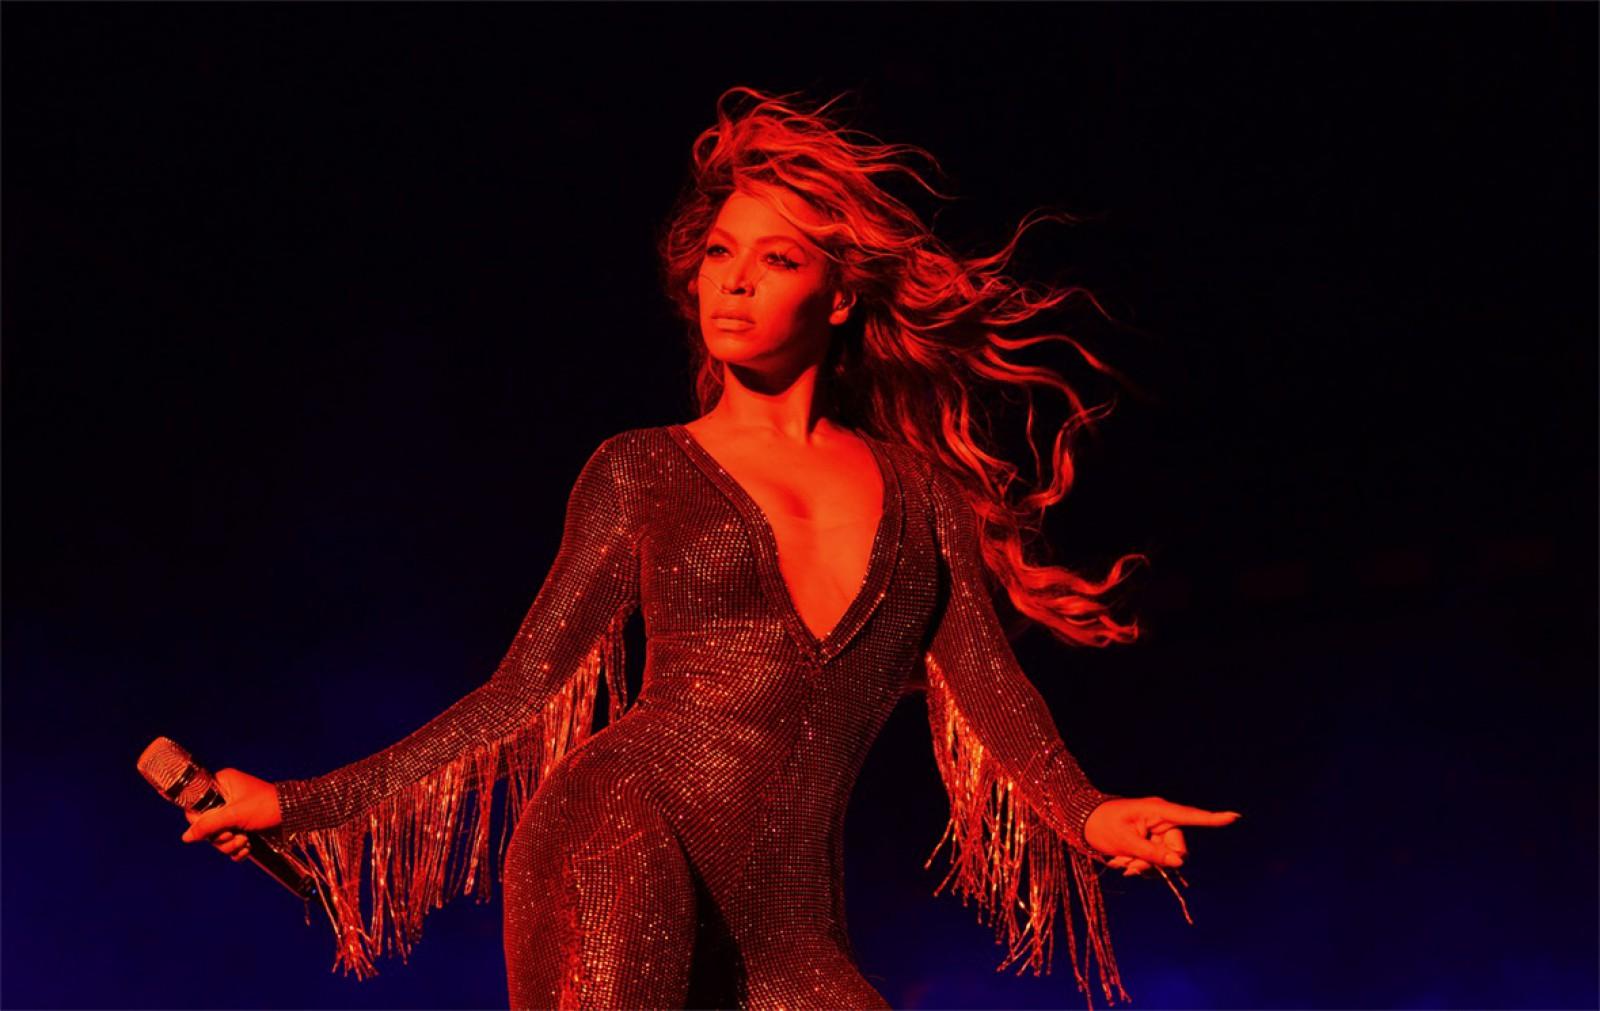 """(foto) Beyonce, însărcinată cu al patrulea copil: Sursele declară că interpreta este """"super fericită"""" de noul membru al familiei"""